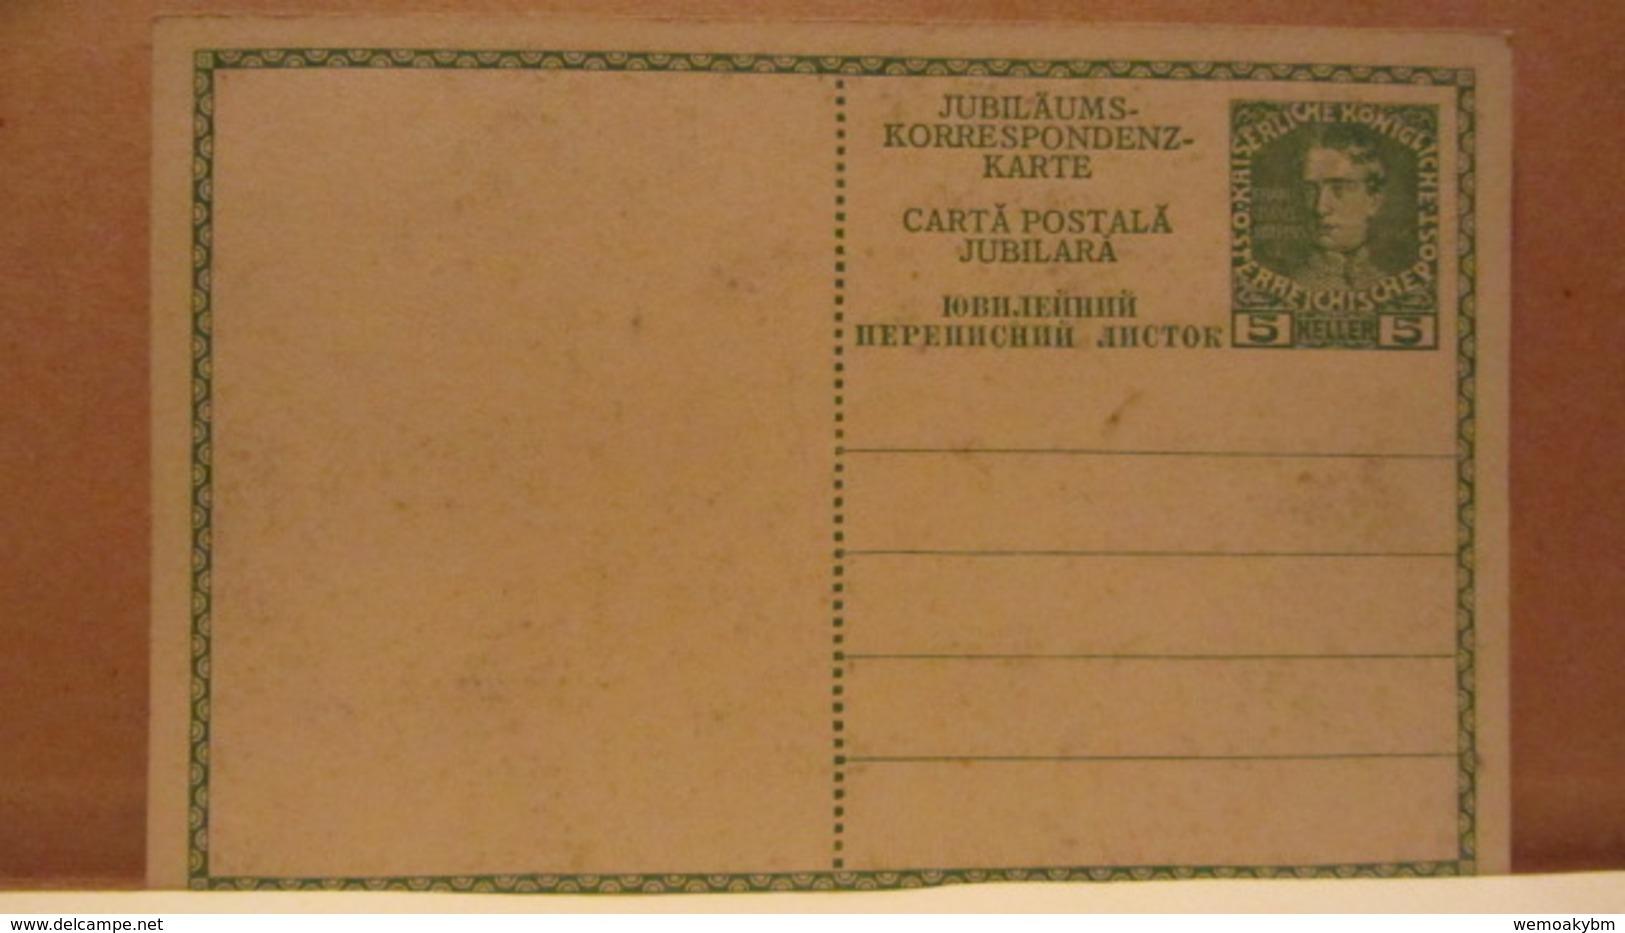 Österreich GA 5 Heller Jubiläums-Korrespondenz-Karte (Dreisprachig) 1848 - 1908 Ungebraucht Mit Bild Franz Joseph - Interi Postali